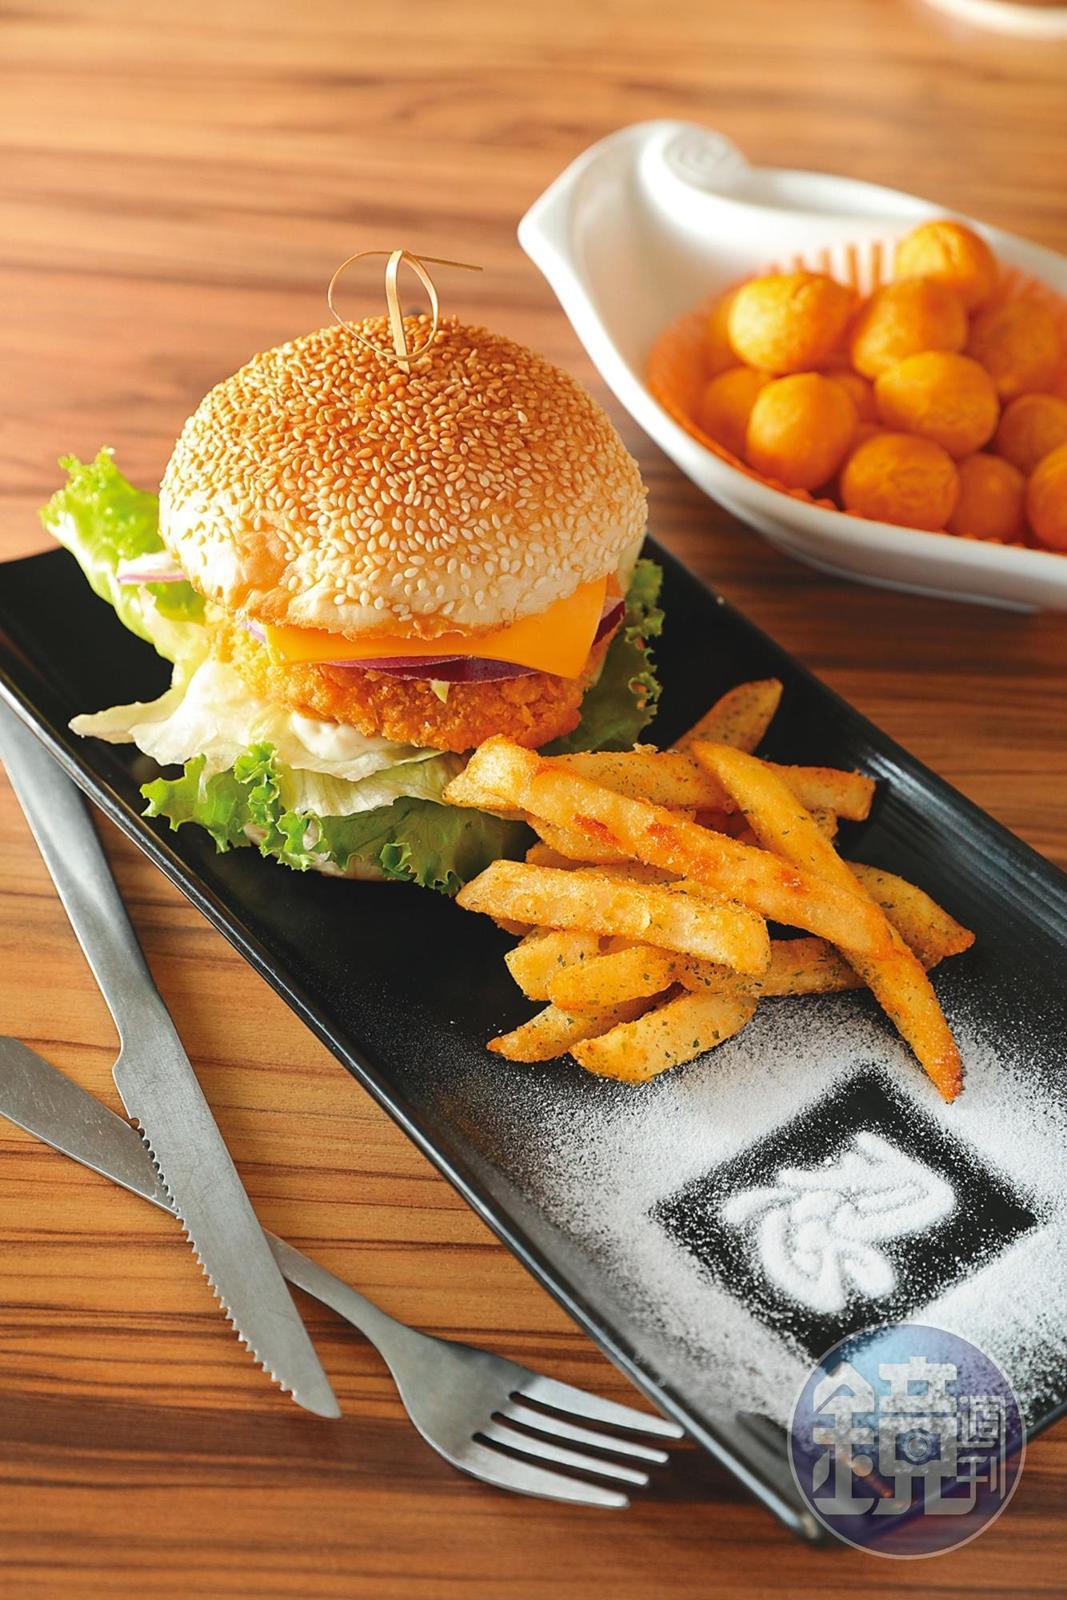 「五色忍者堡」最受小朋友歡迎,雞肉漢堡配薯條,分量超大。(150元/份)